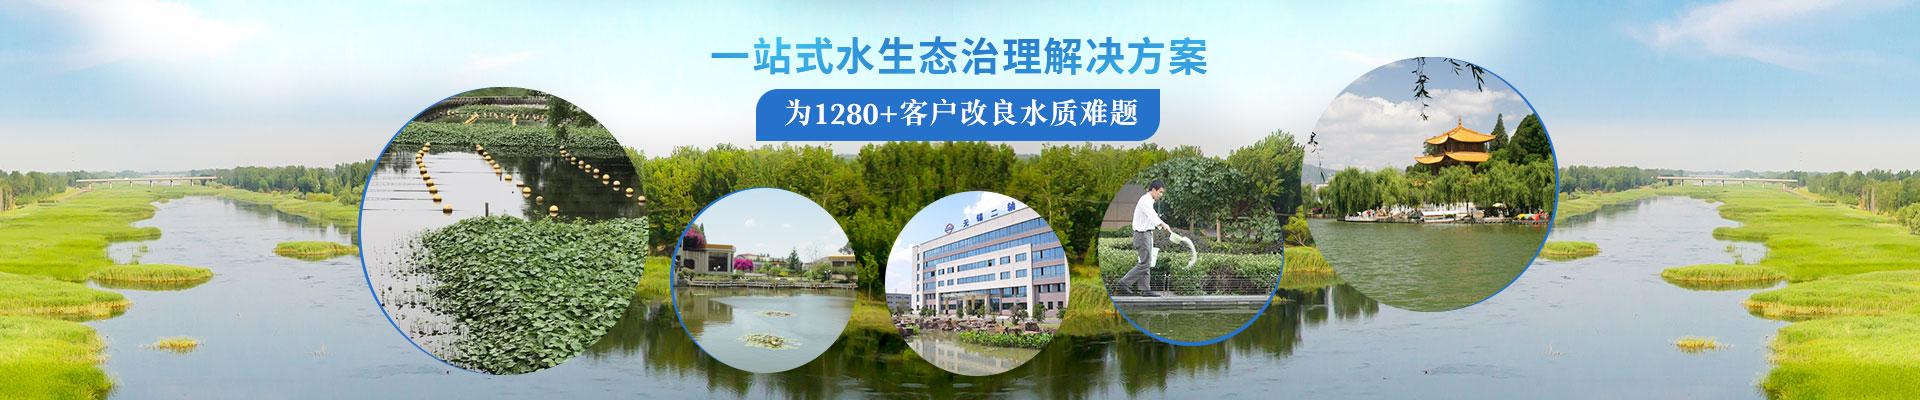 泓宝-提供一站式水生态治理解决方案  为1280+客户改良水质难题